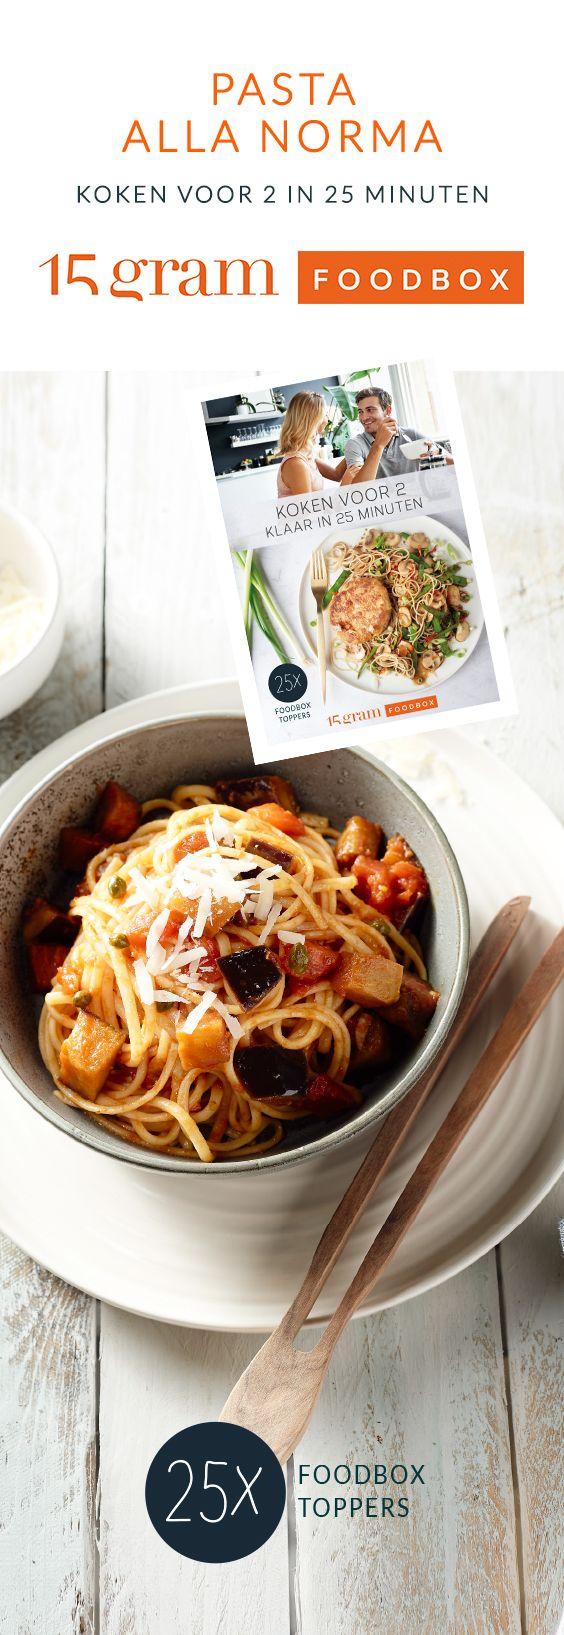 Pasta alla Norma is een heerlijk vegetarisch pastagerecht met linguine en gestoofde aubergine. Snel klaar en bomvol smaak, dit moet je proberen!